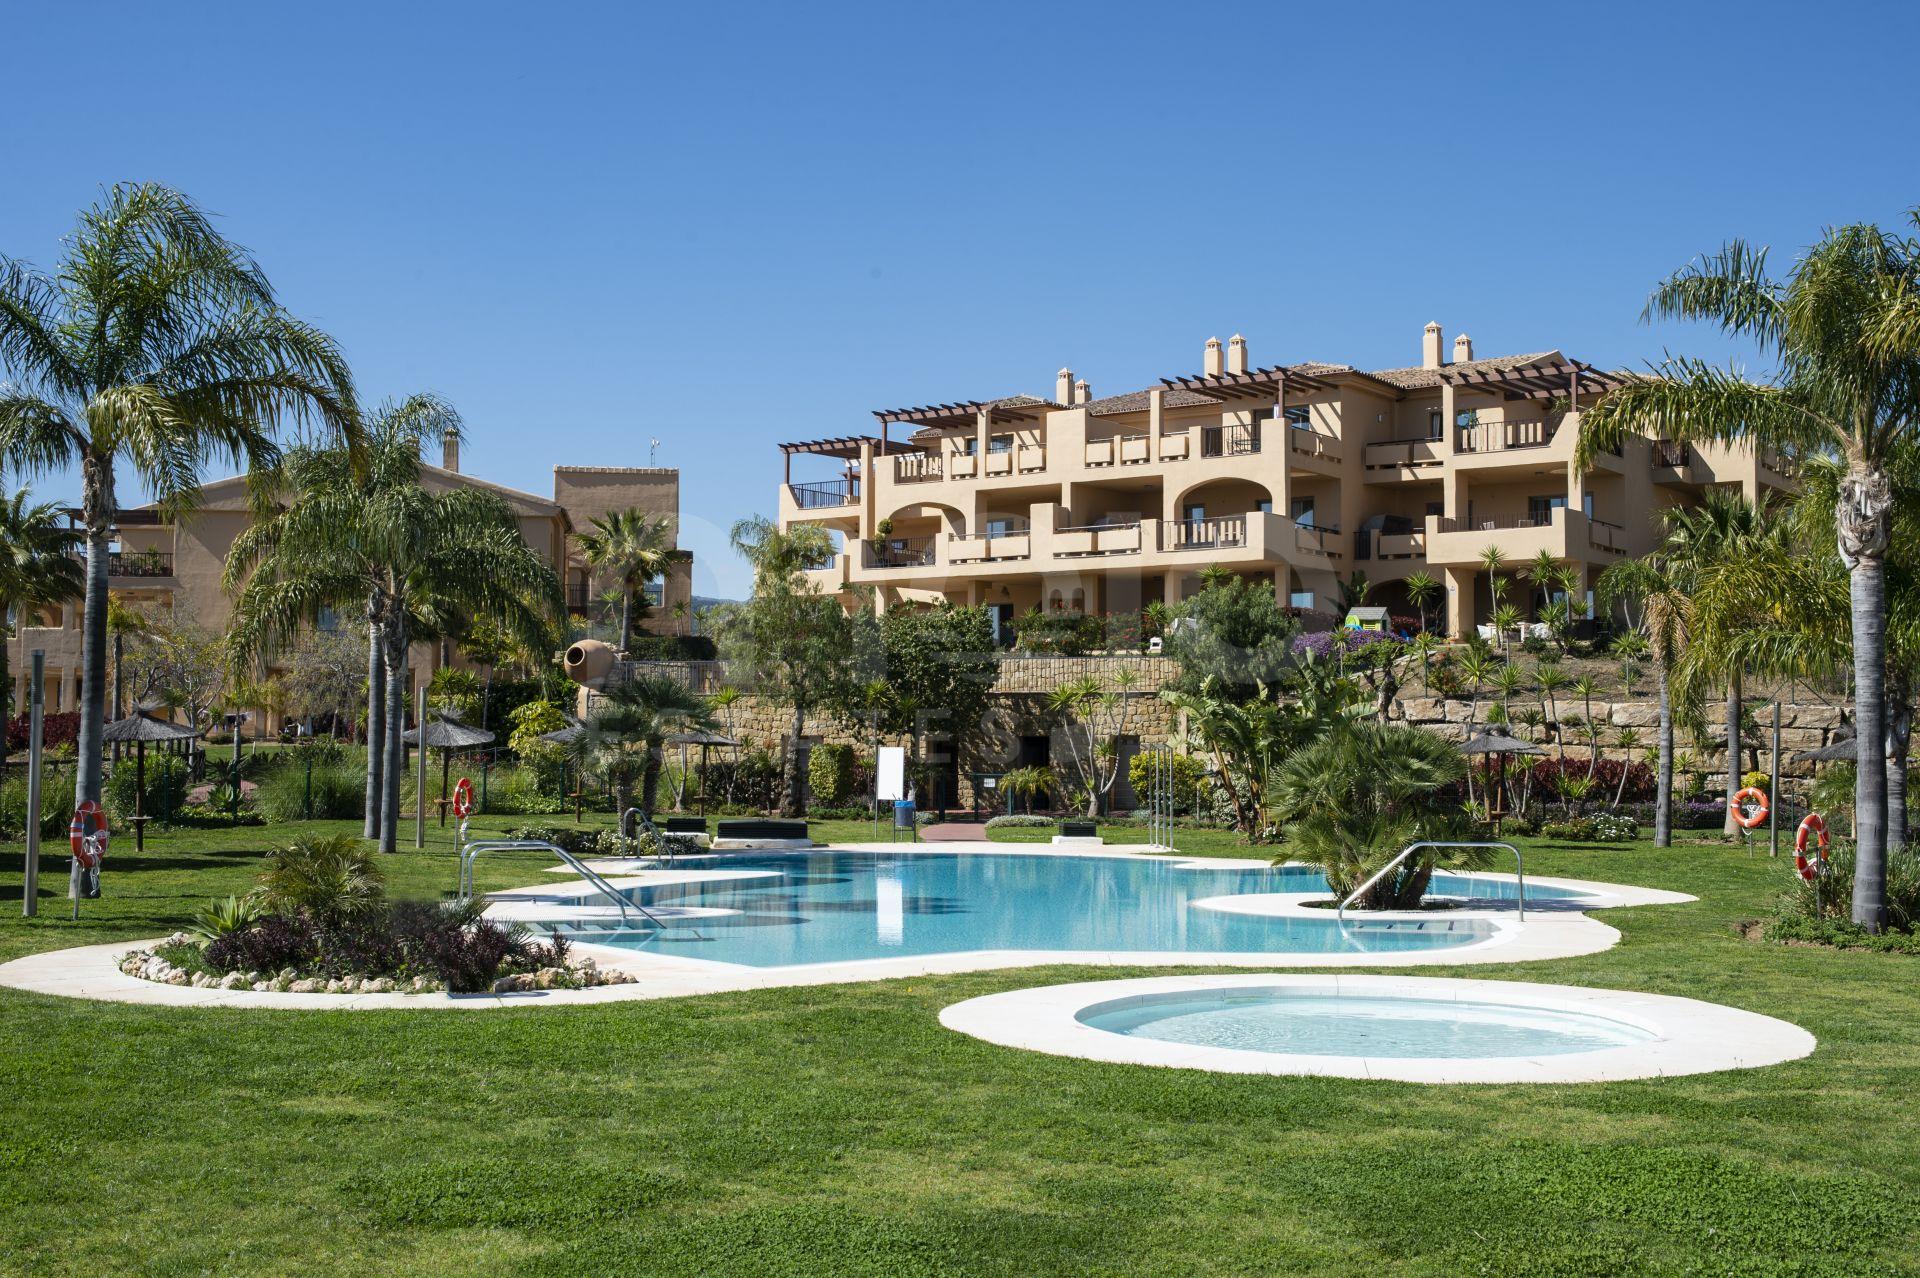 Apartamentos con impresionantes vistas al mar en La Alquería, Benahavis